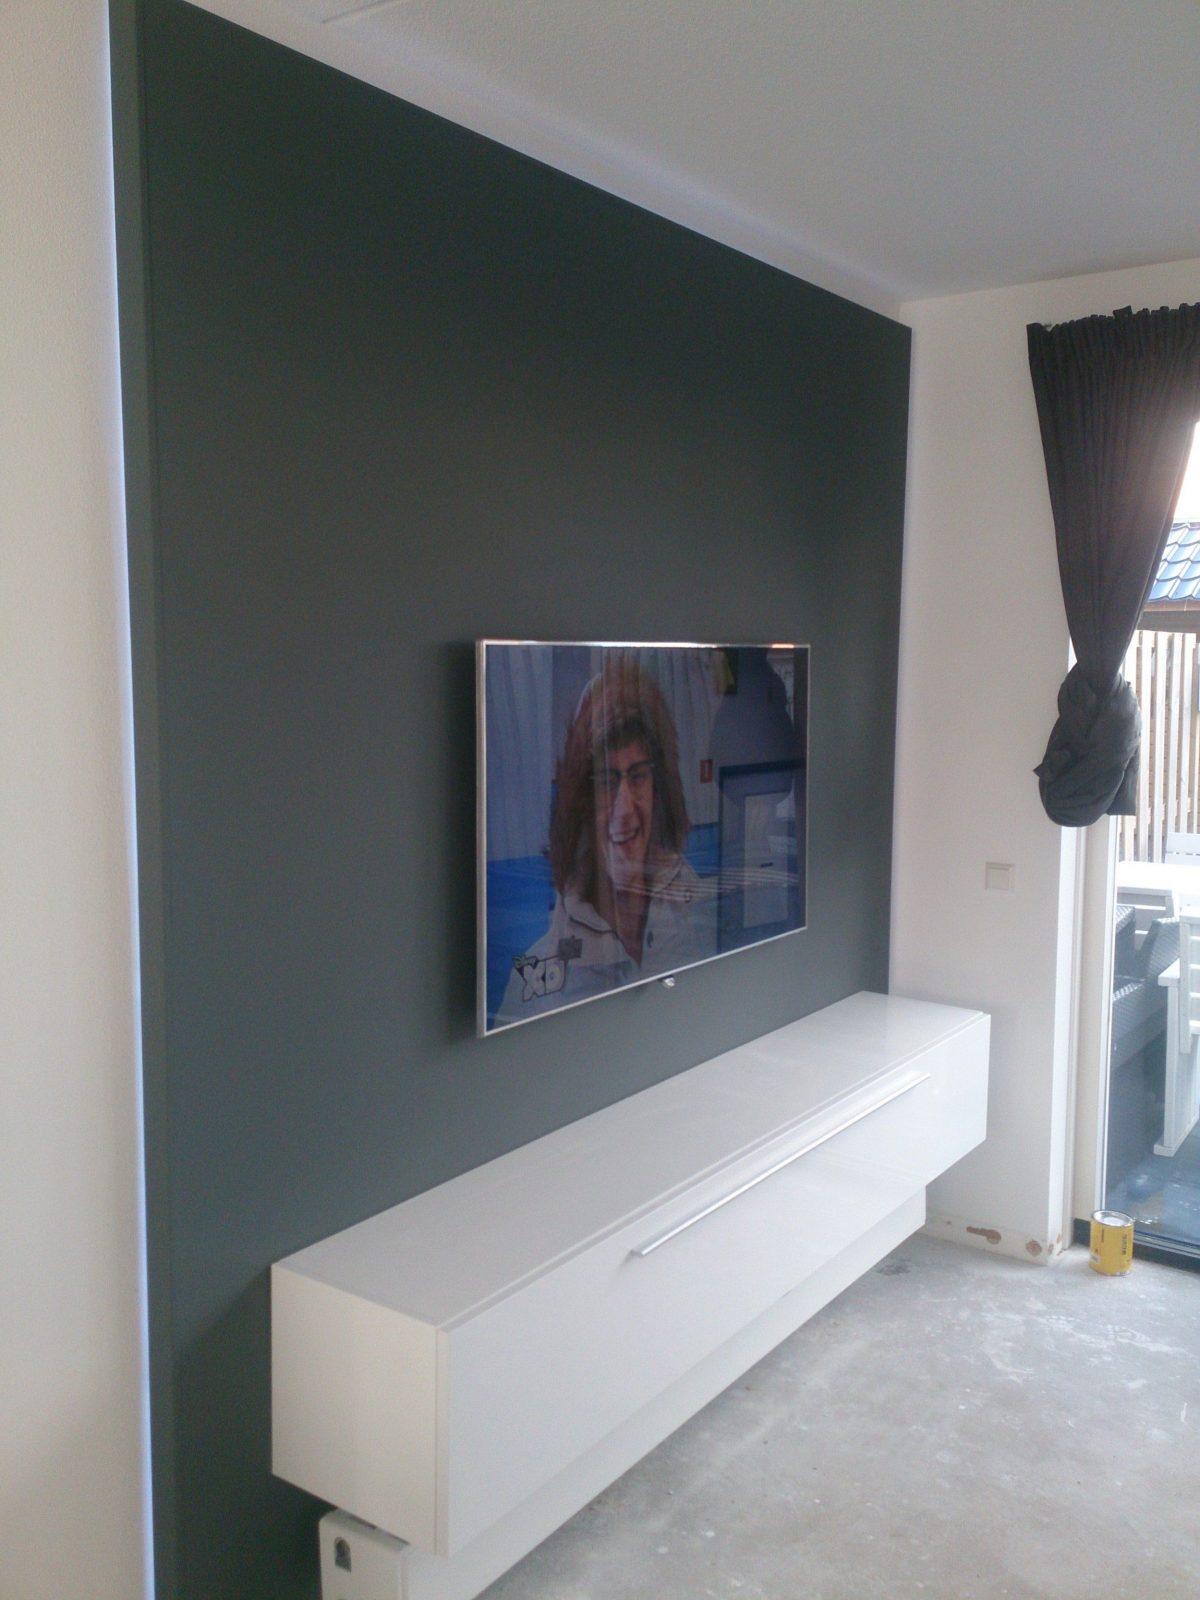 Tv Wandhalterung Selber Bauen Über Original Babyzimmer Kunstdesign von Fernseher Wand Selber Bauen Bild